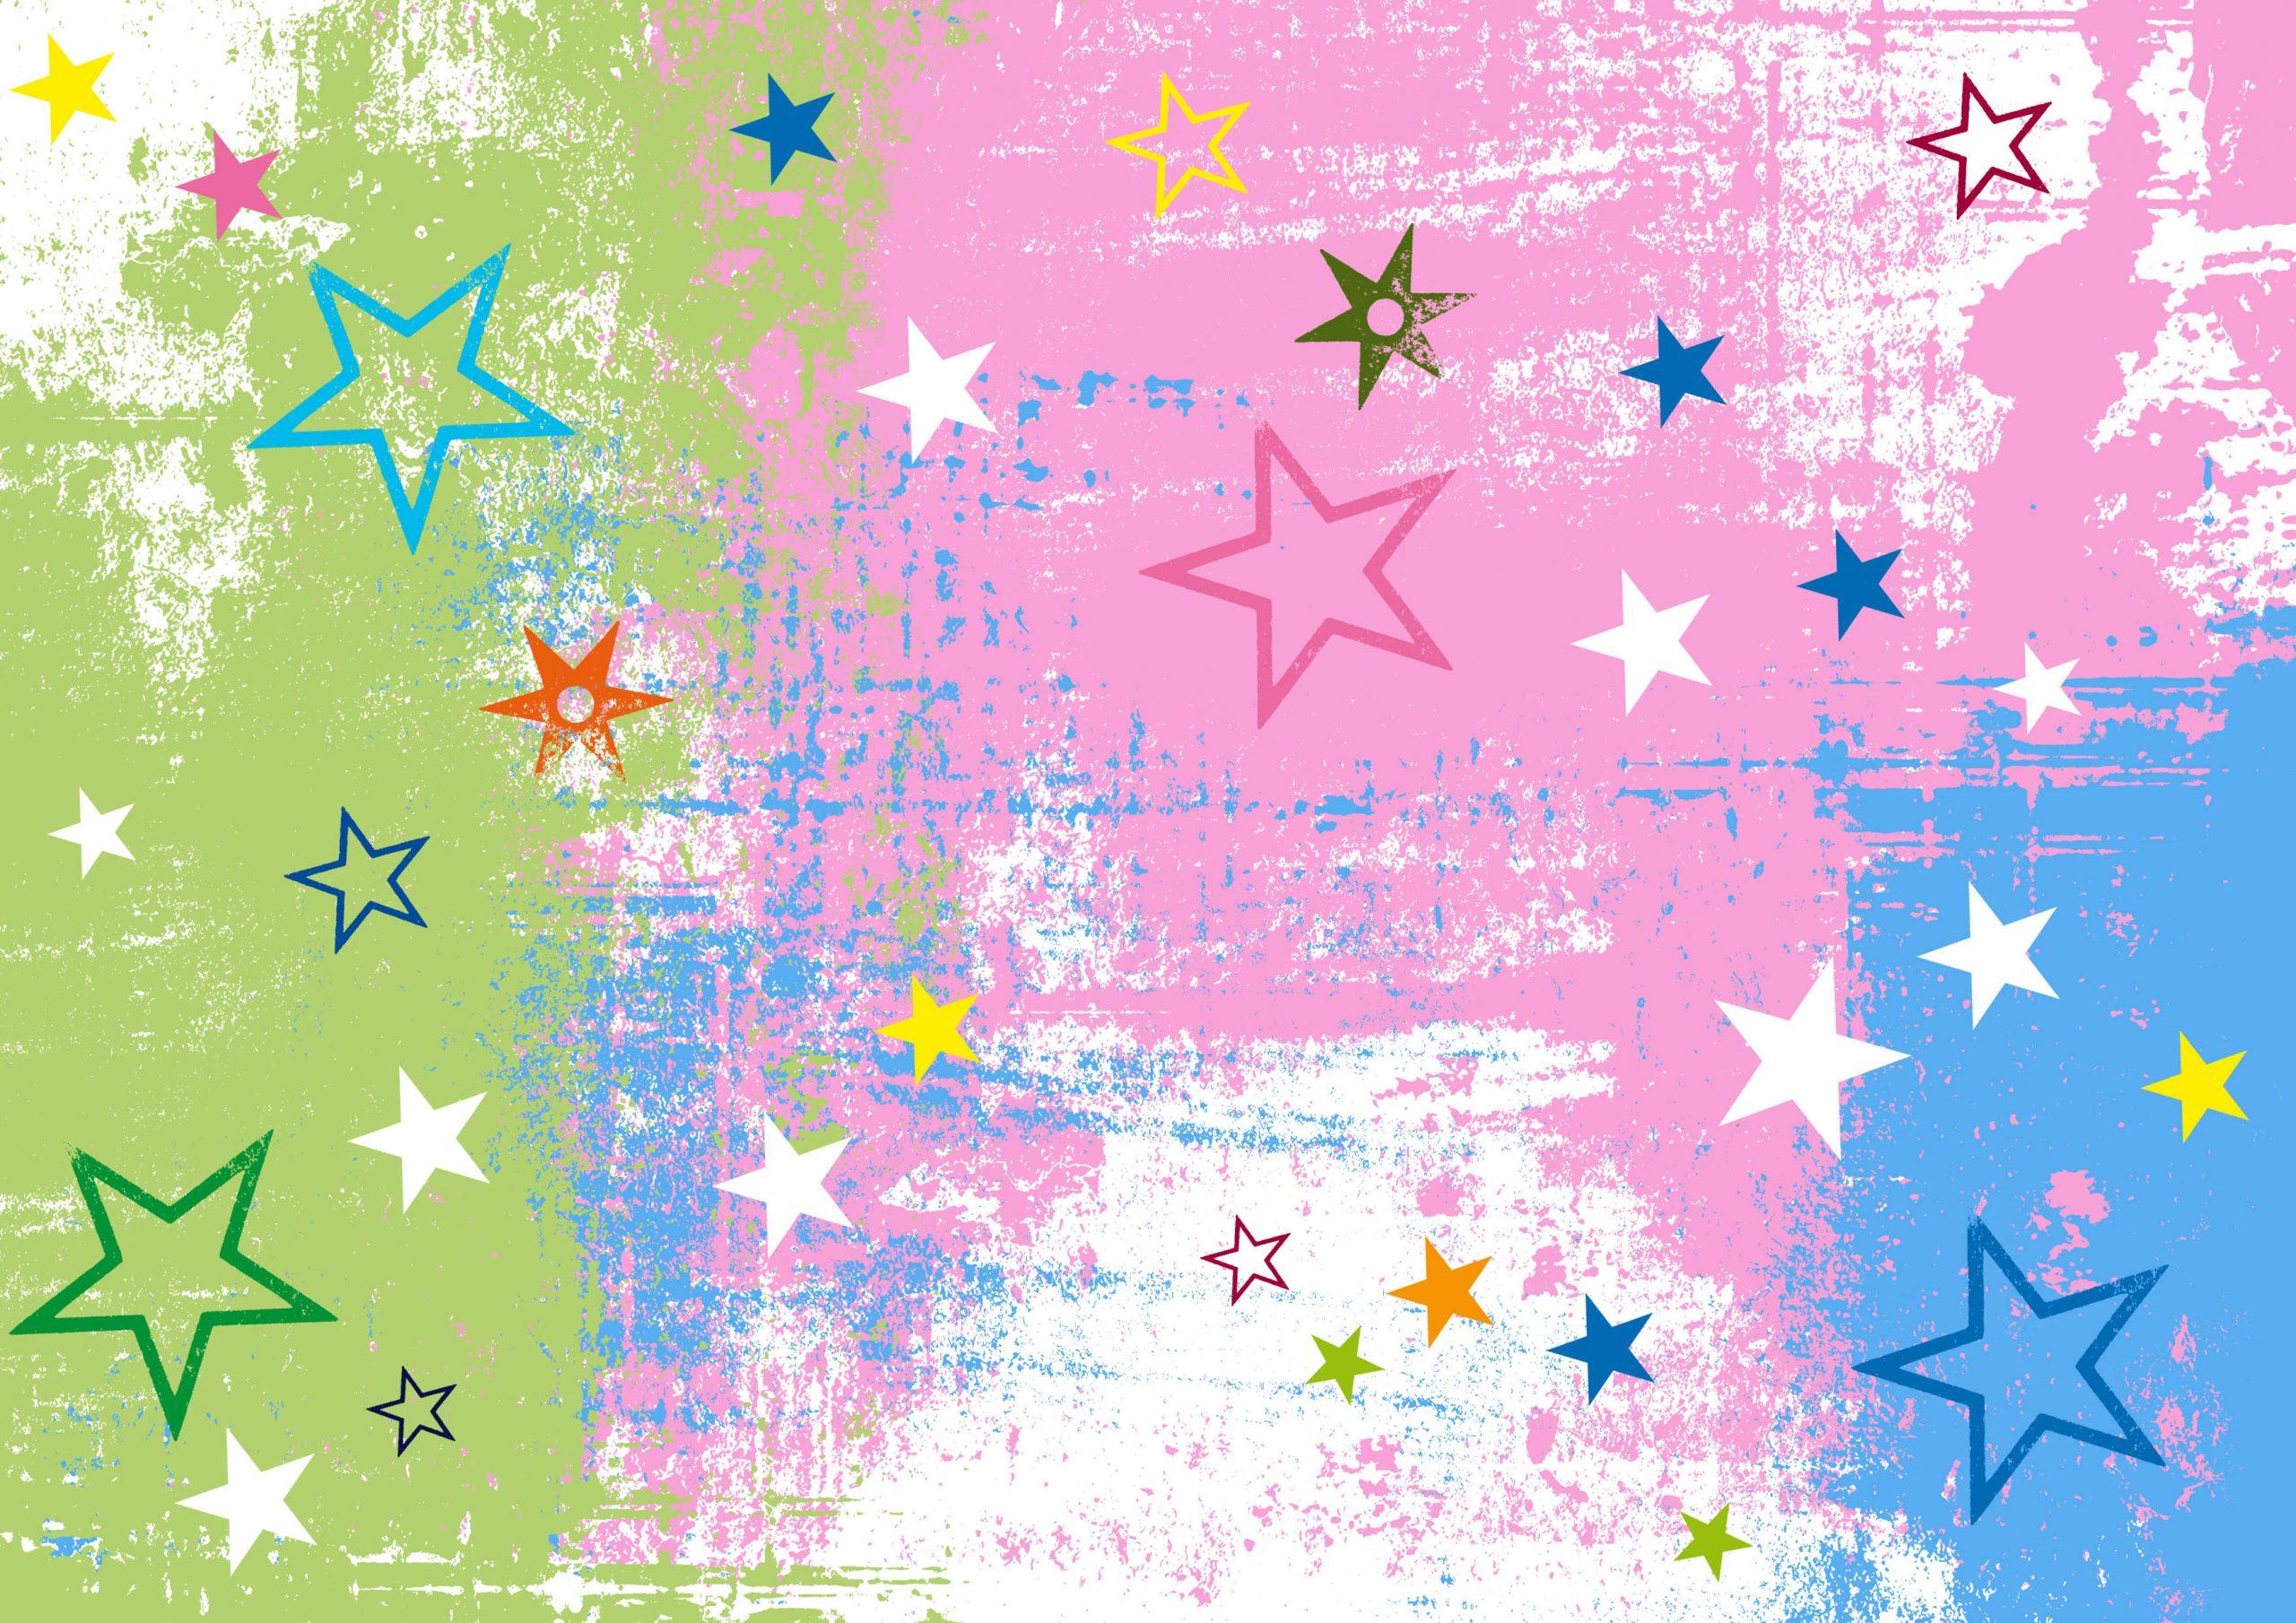 Geschenkpapier Stars - Office-Lernen ganzes Geschenkpapier Kostenlos Ausdrucken